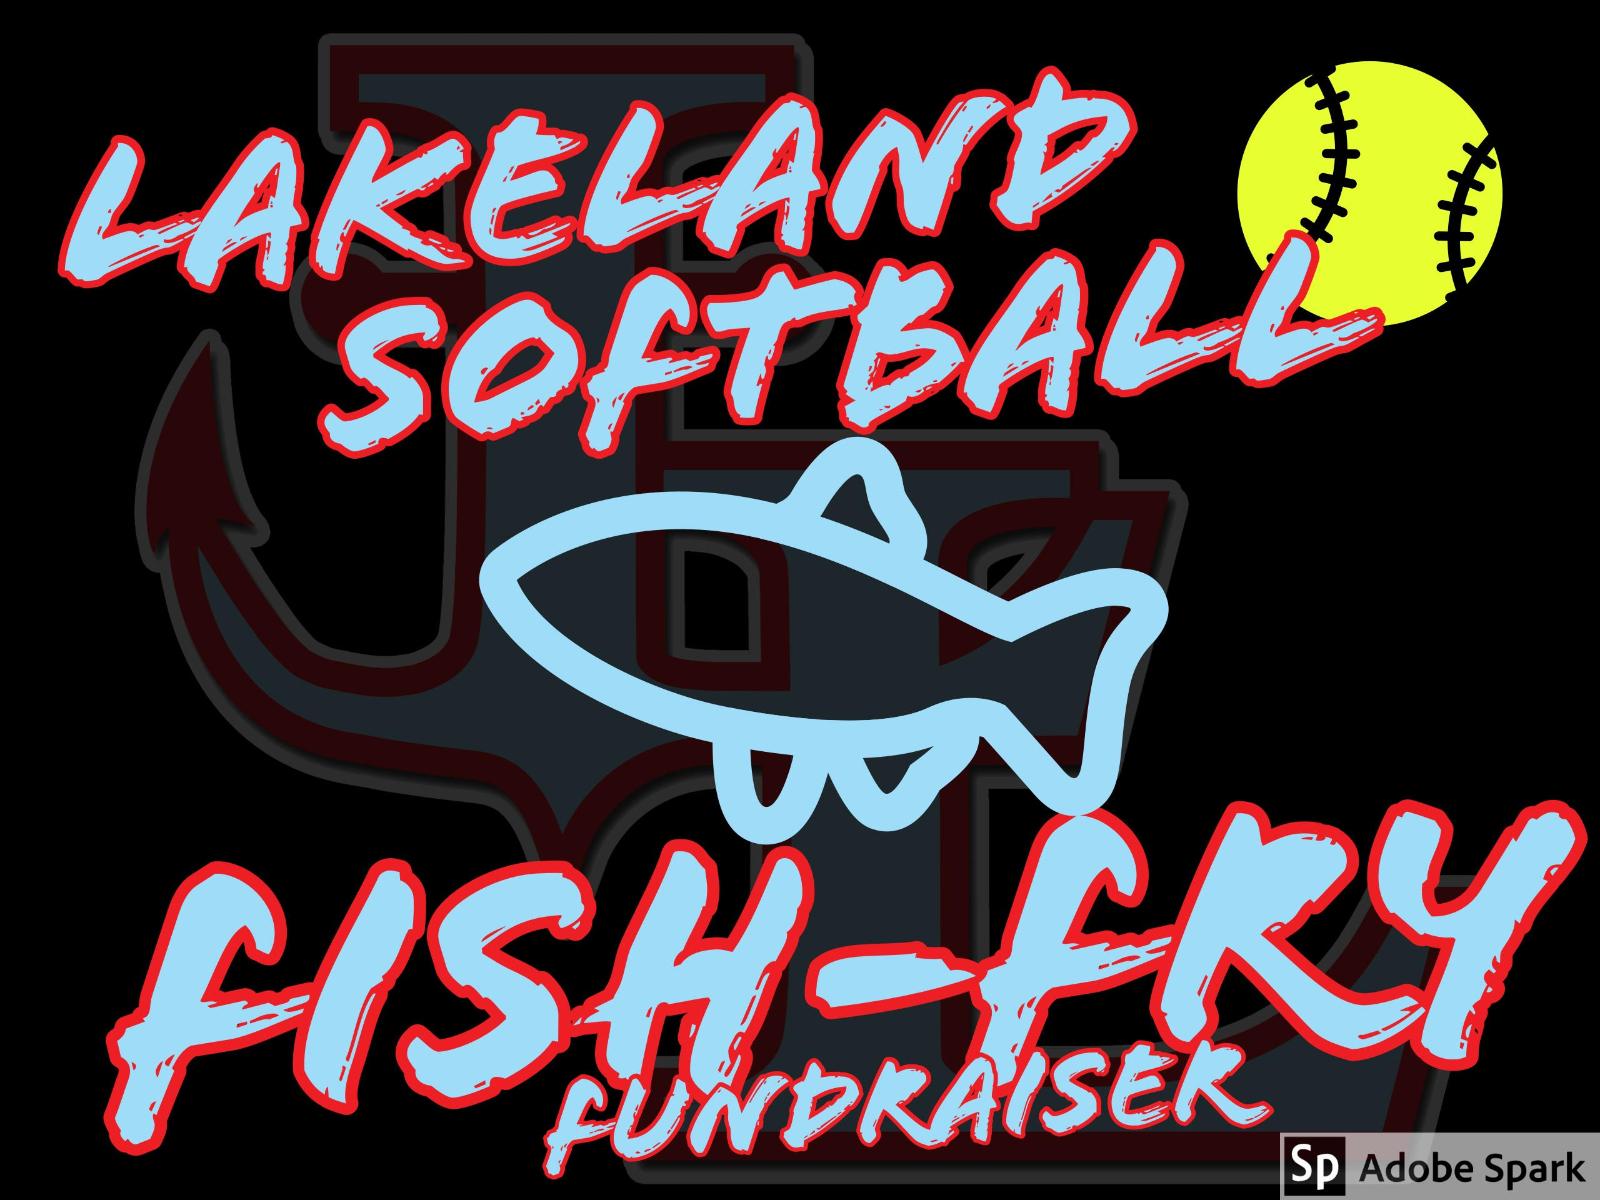 Softball Fish-Fry Fundraiser   Rescheduled